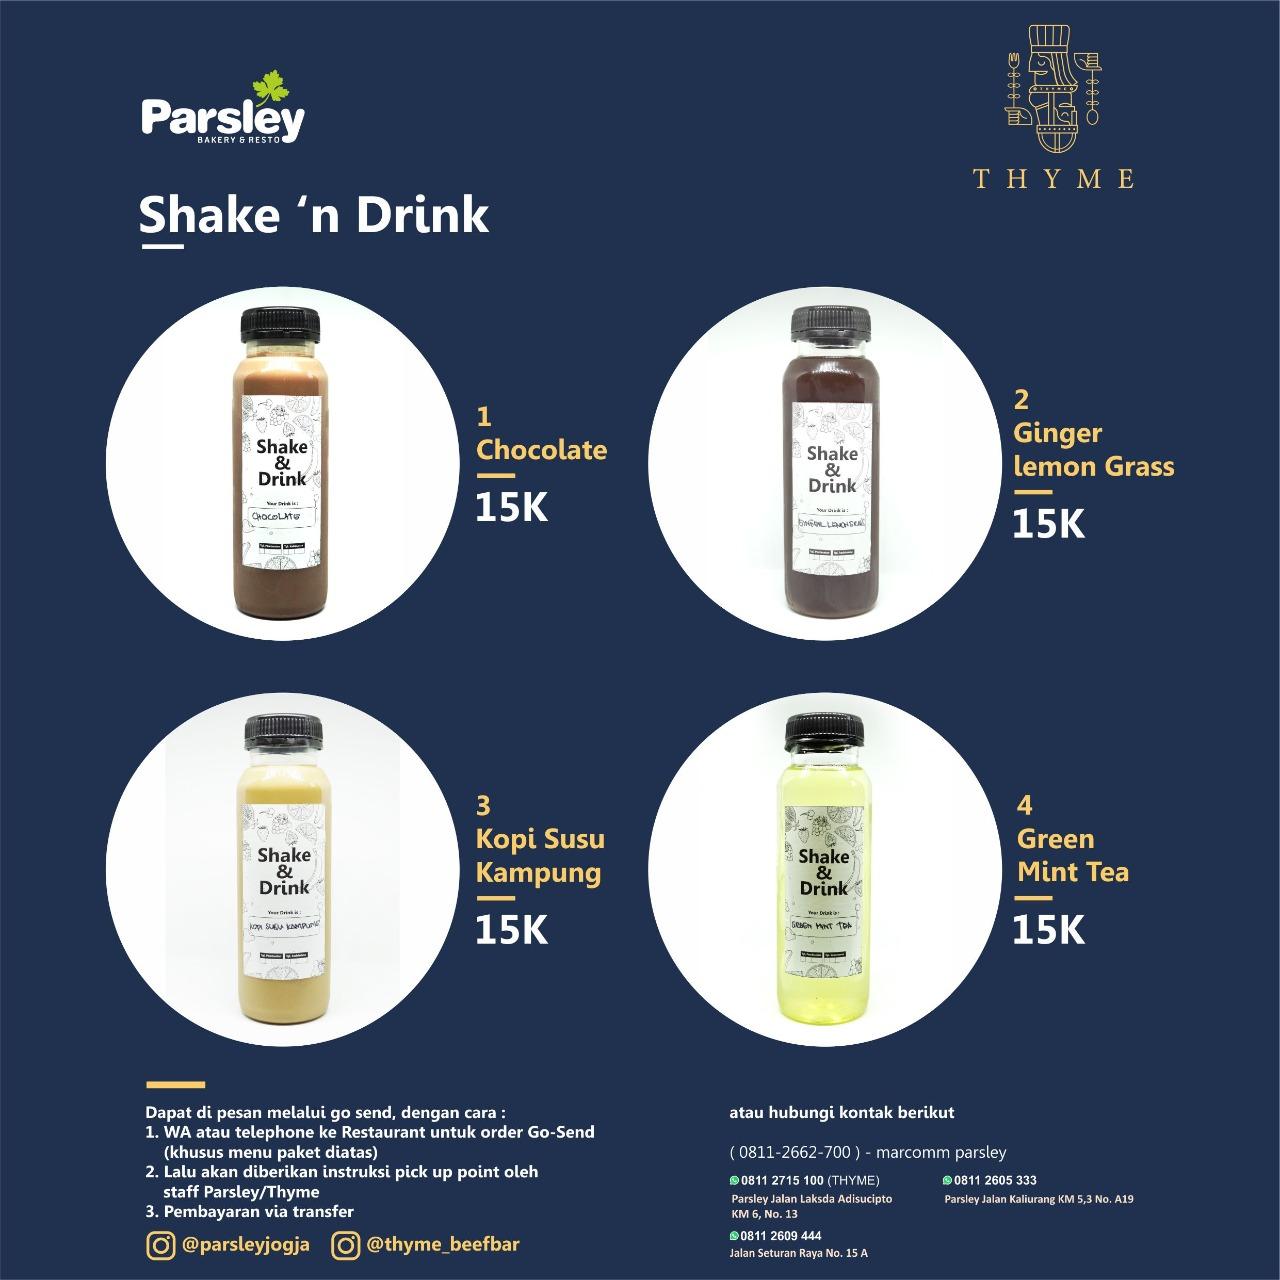 Shake 'n Drink